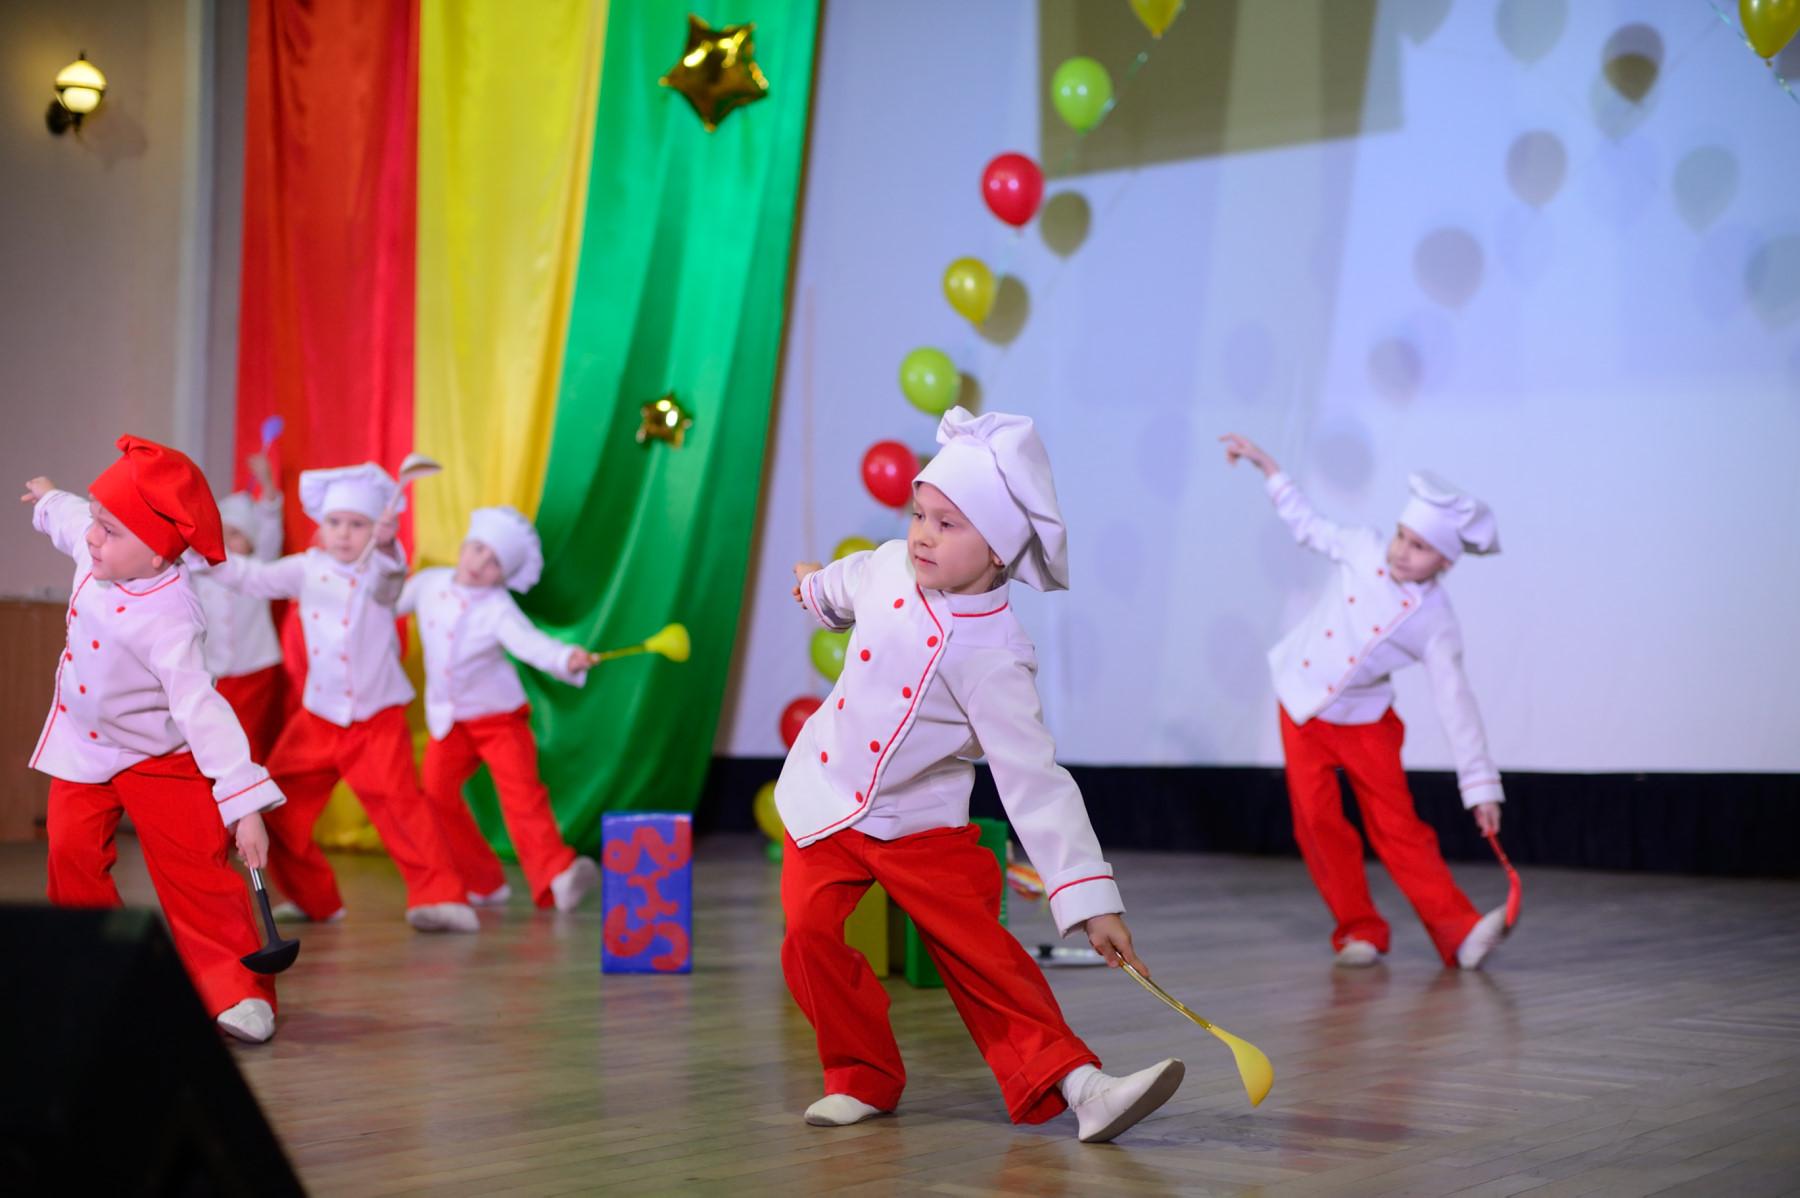 В Адыгее пройдет фестиваль детского и юношеского творчества «Звездочки Адыгеи»